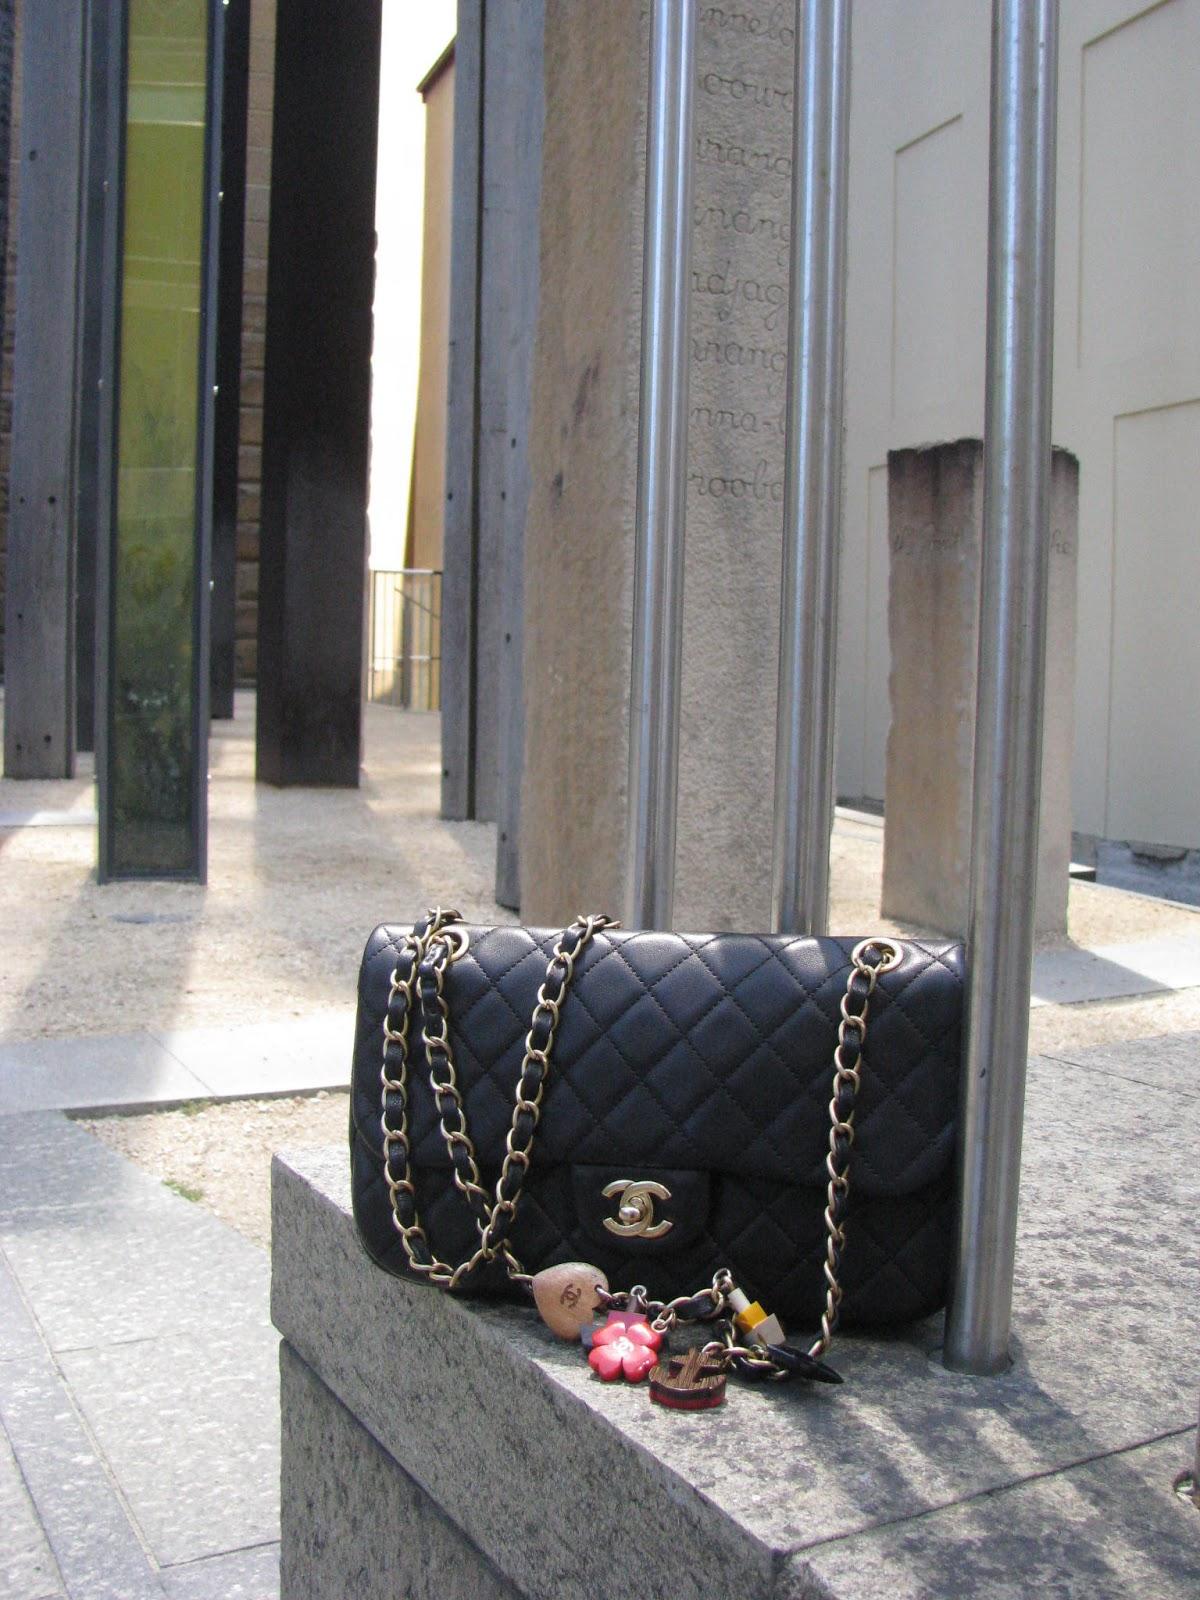 Chanel bag with nautical charms